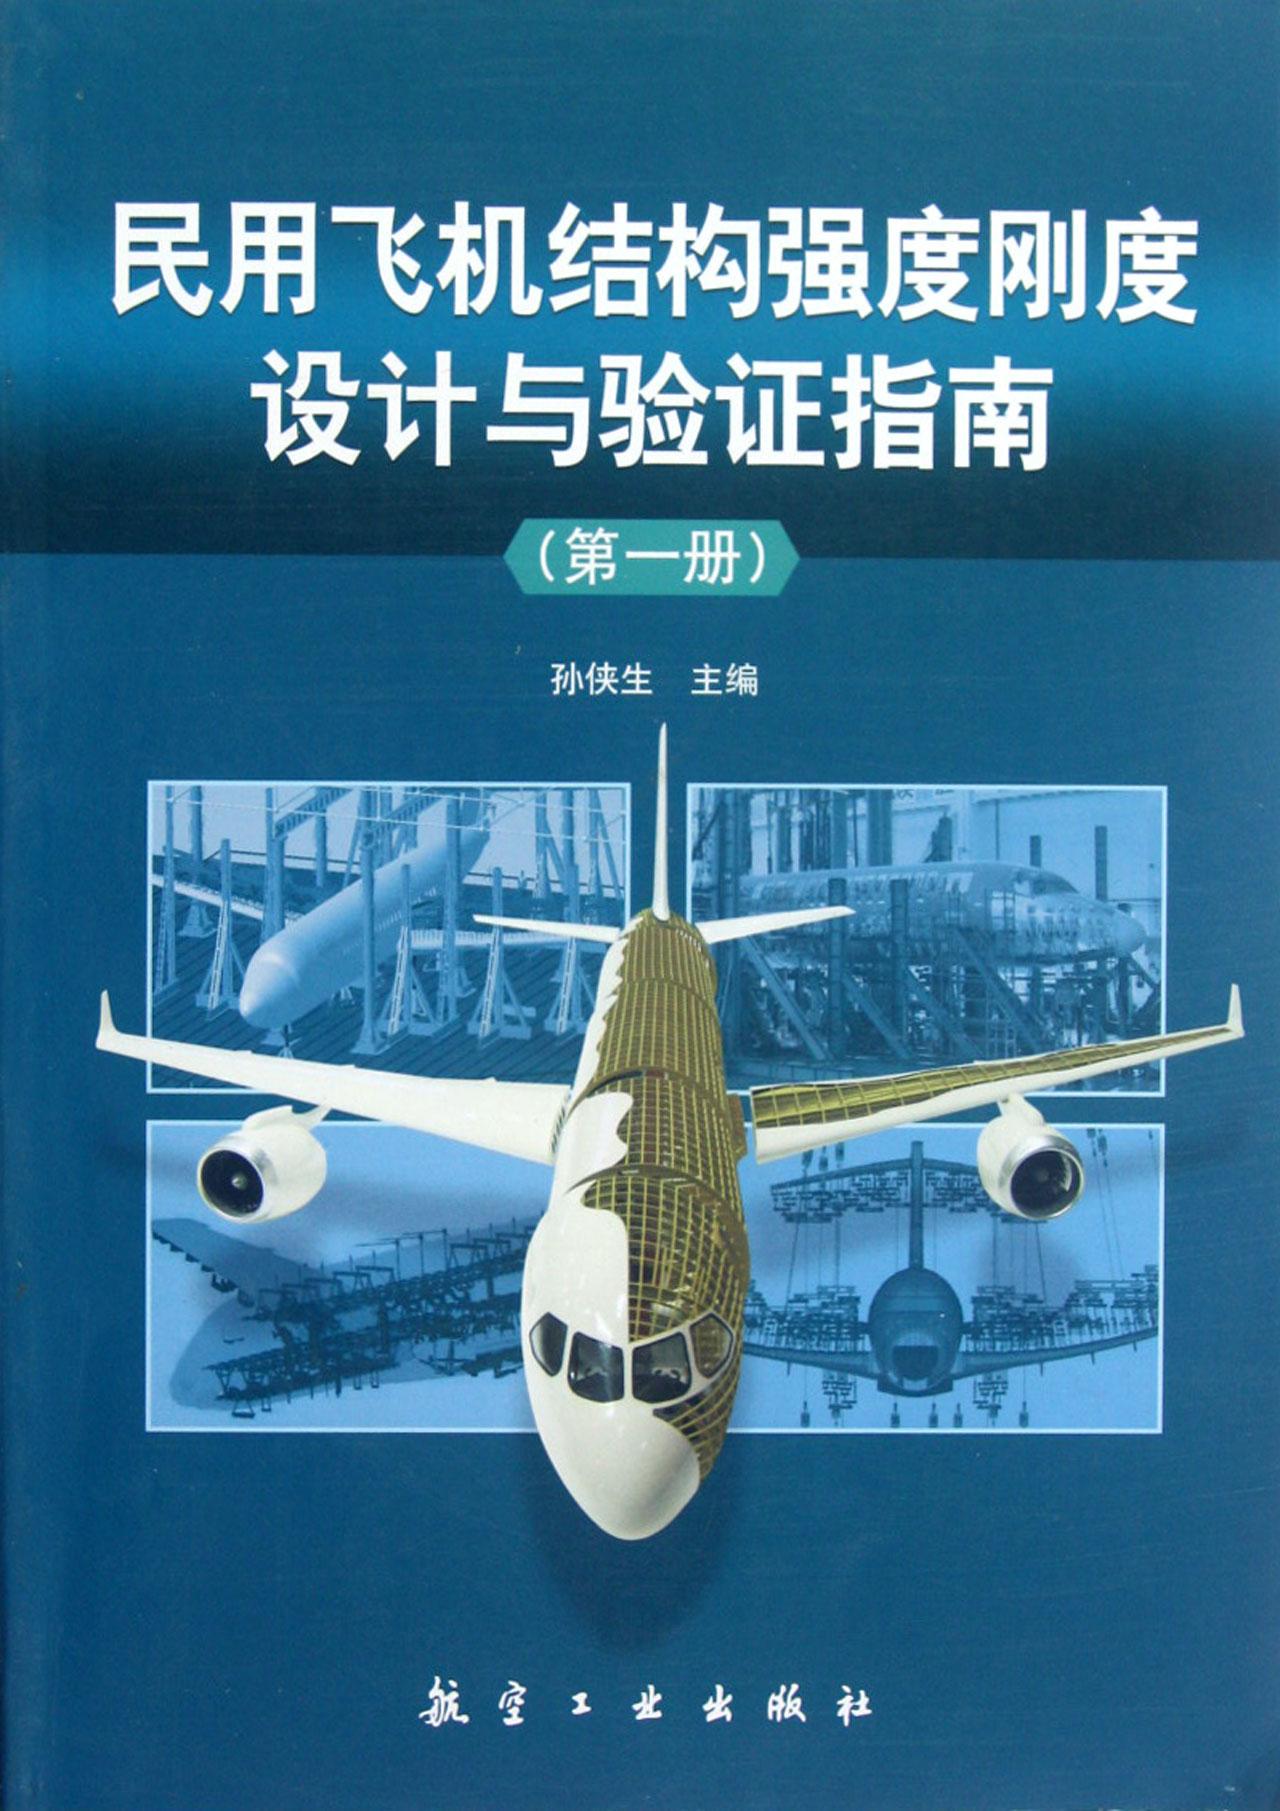 民用飞机结构强度刚度设计与验证指南(1)